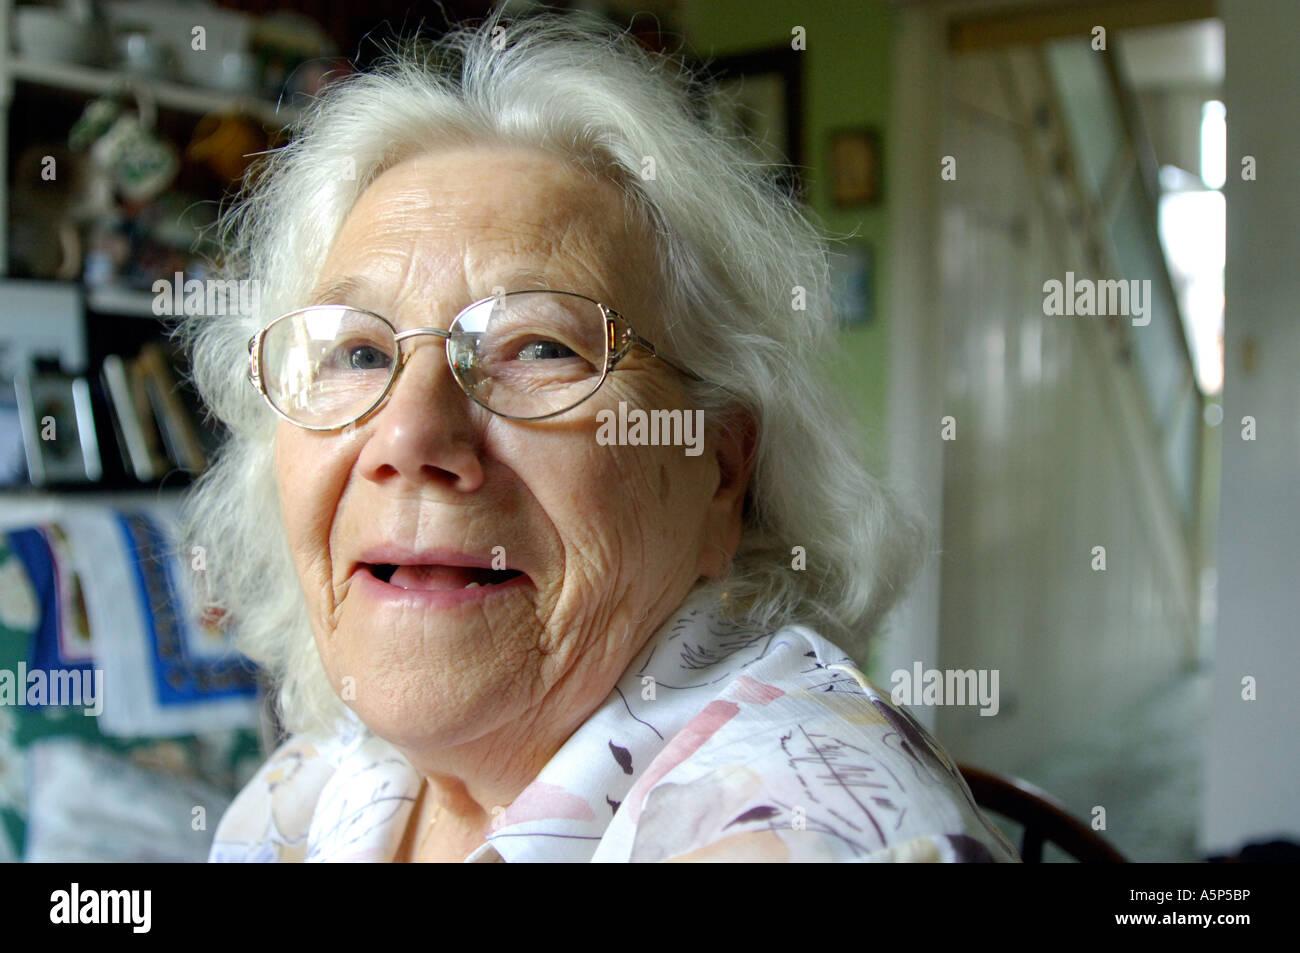 Ritratto di un felice sorridente pensionato britannico nella sua casa di Londra REGNO UNITO Foto Stock